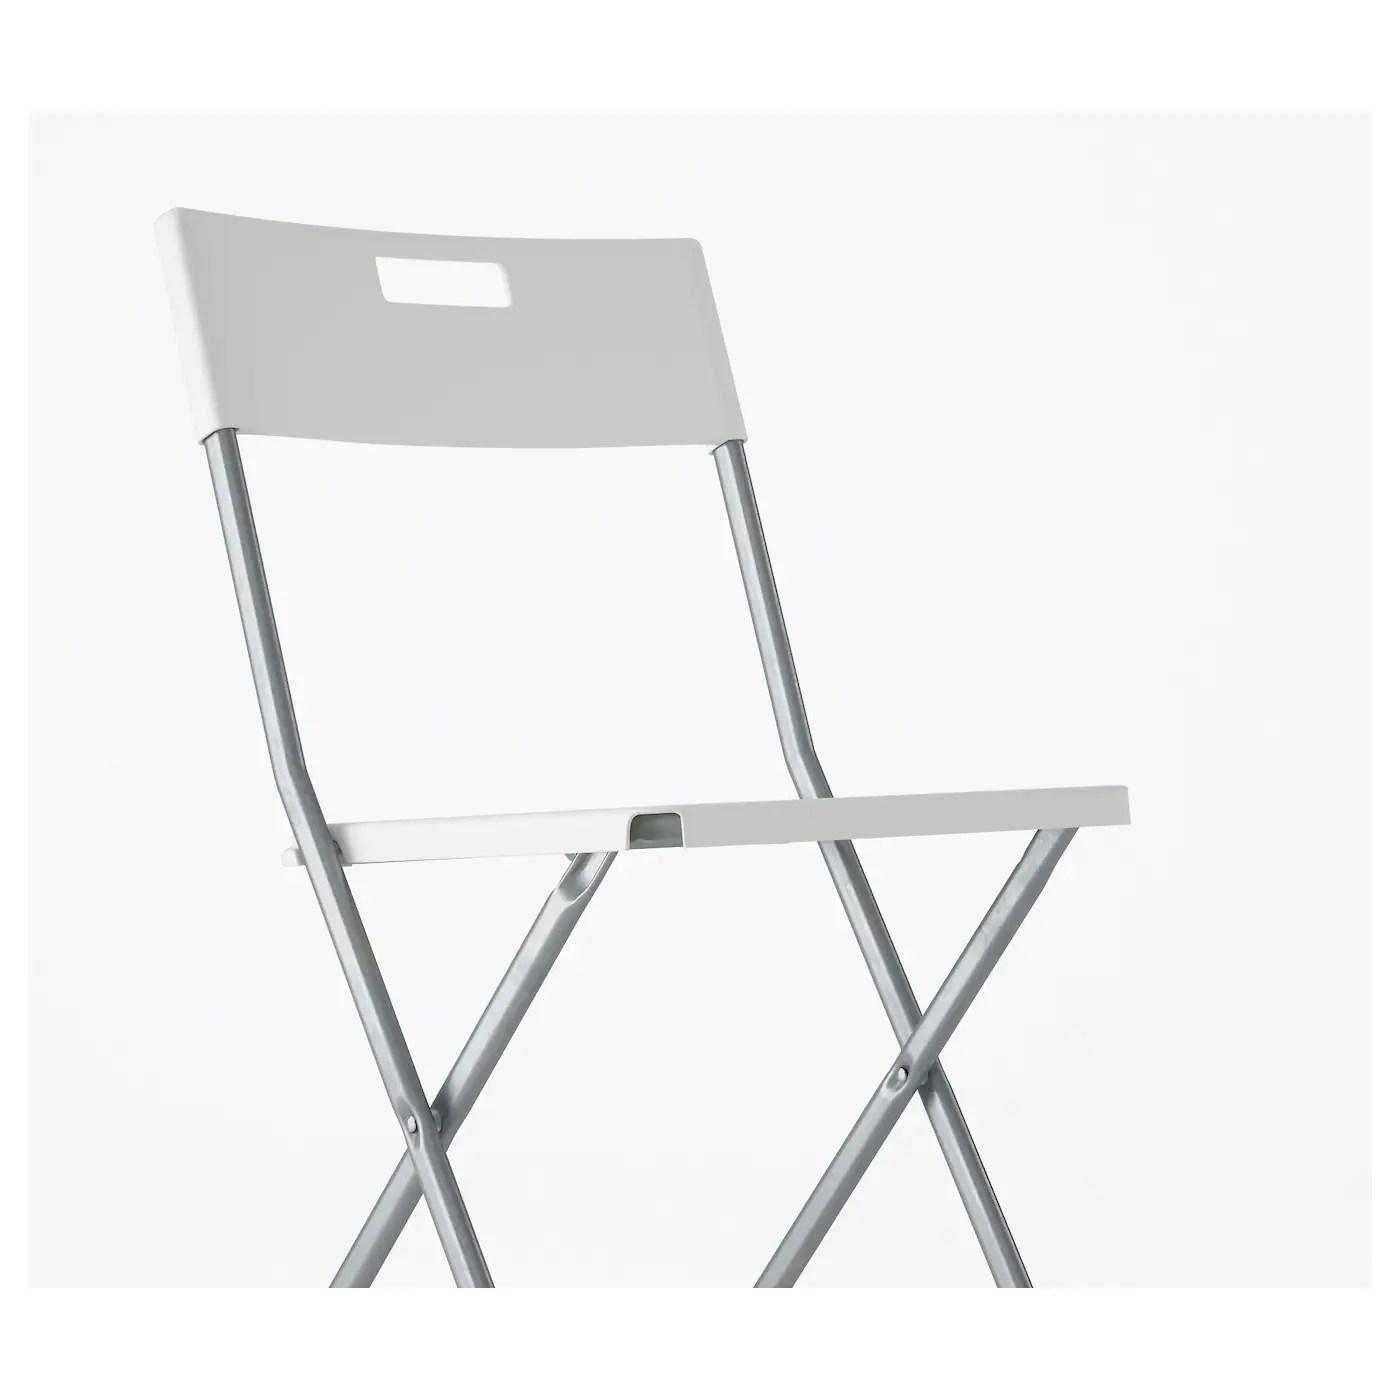 Gunde Chaise Pliante Blanc Ikea